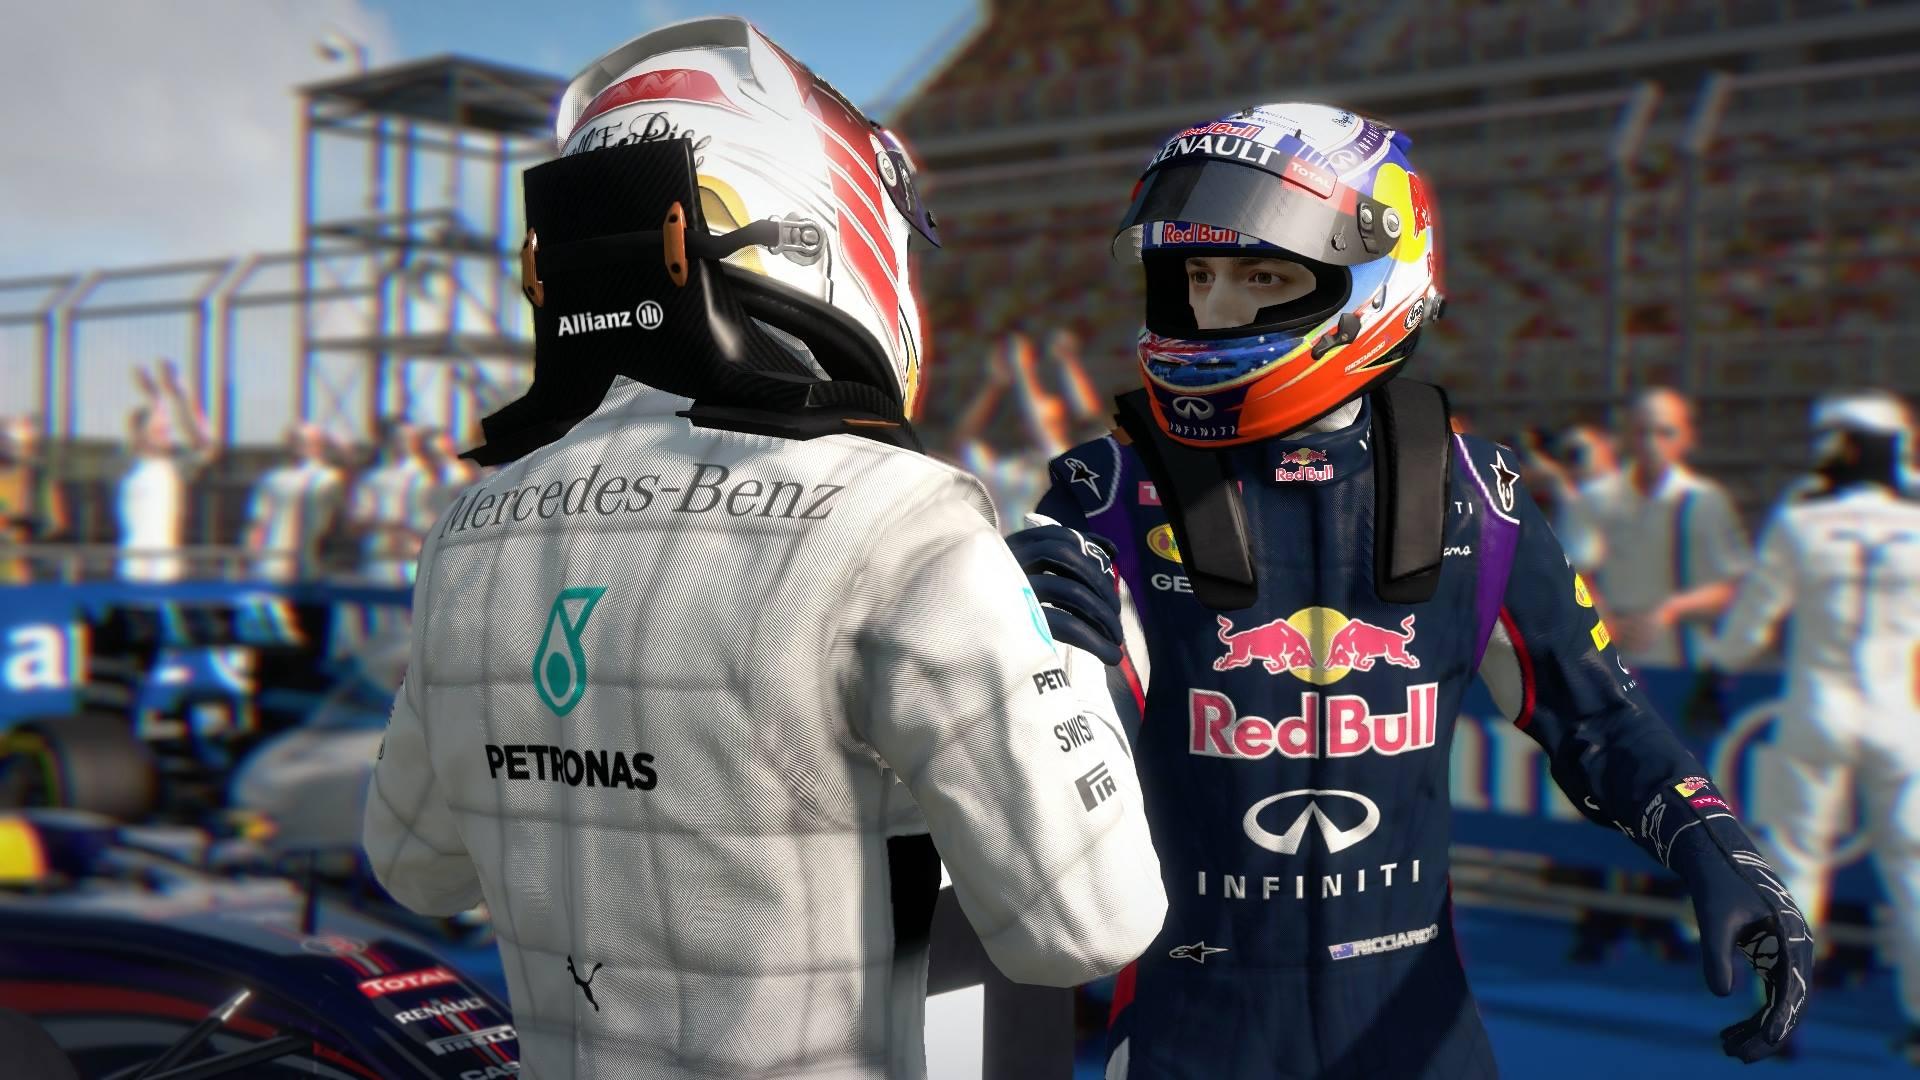 F1 2014: Új képek érkeztek a játékról